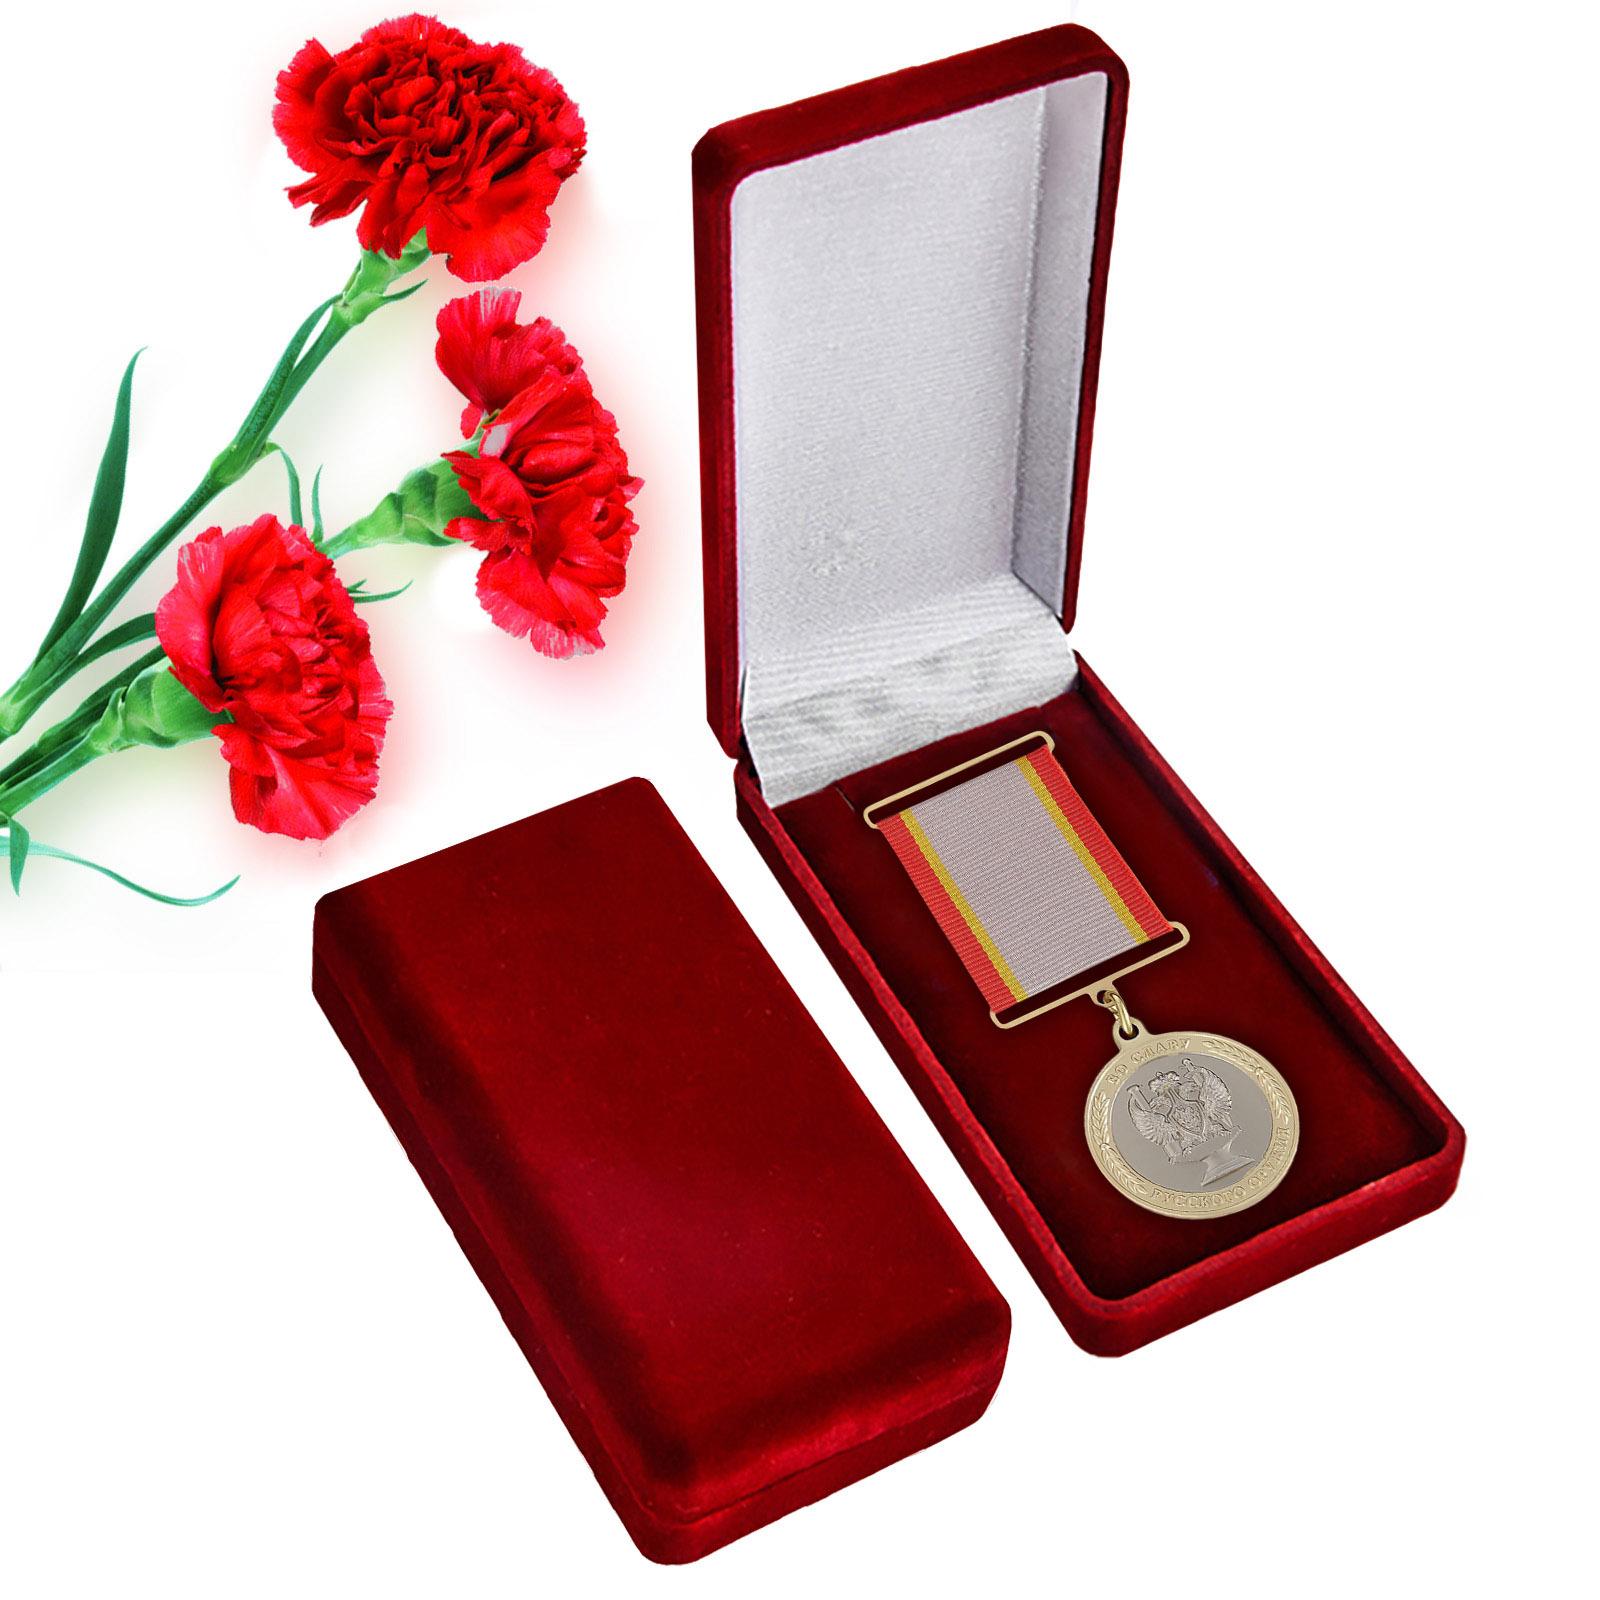 Купить памятную медаль Во славу русского оружия оптом или в розницу